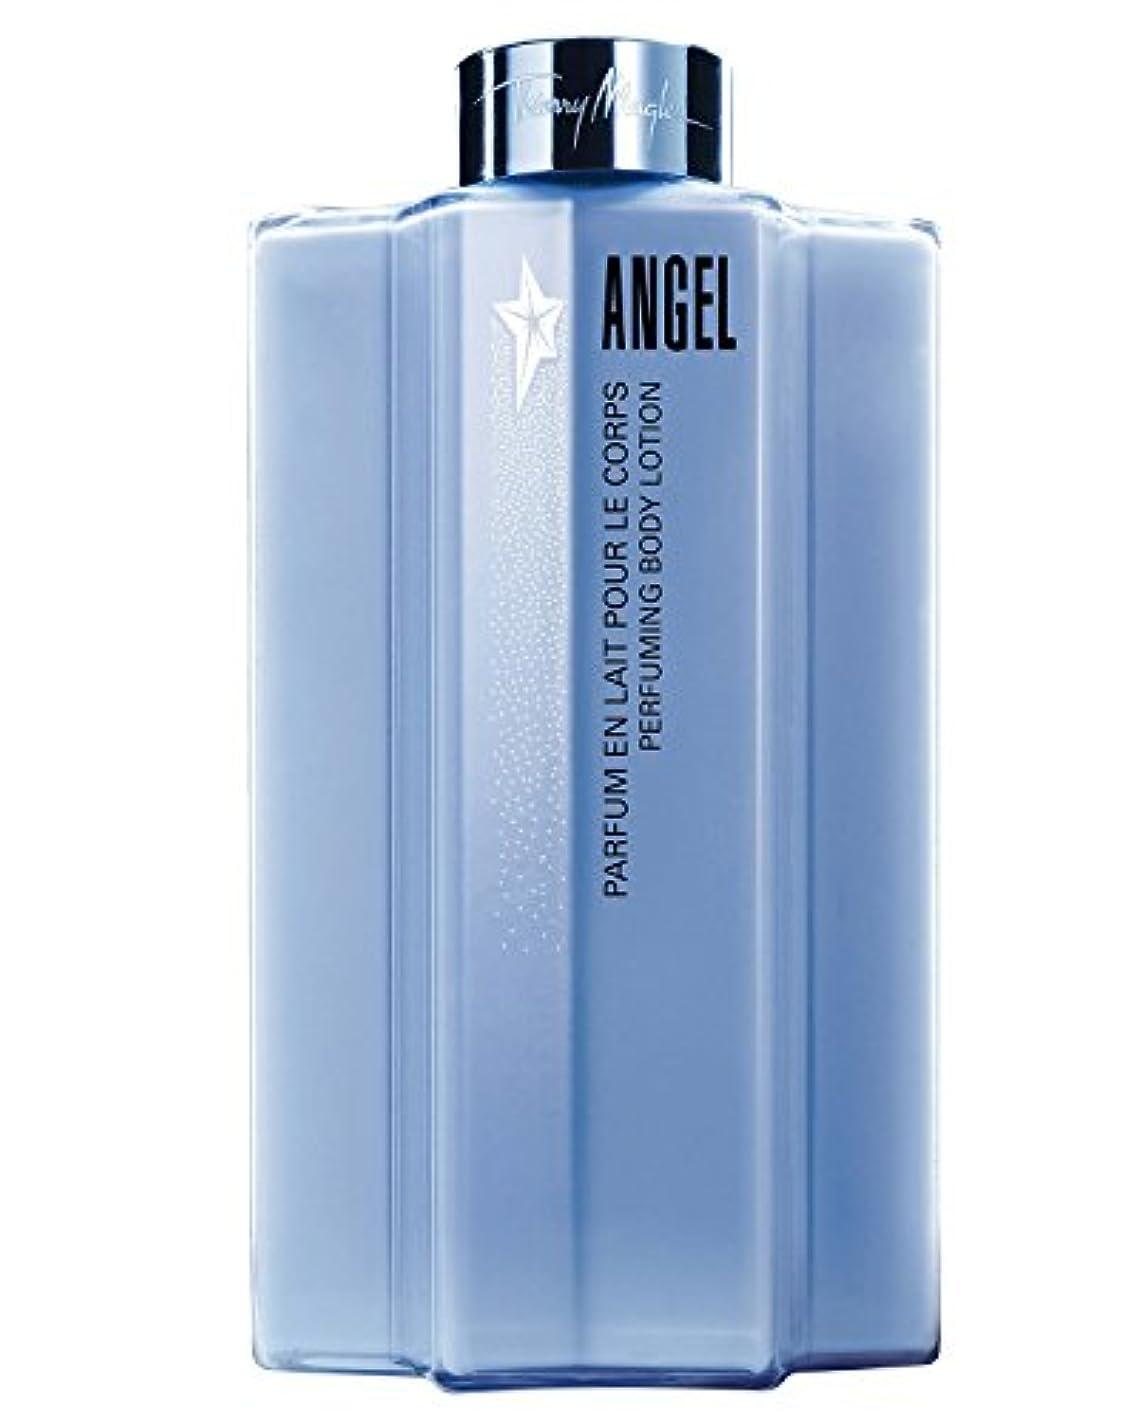 蒸留するのために専らテュエリーミュグレー エンジェルボディローション 200ml THIERRY MUGLER ANGEL BODY LOTION [並行輸入品]